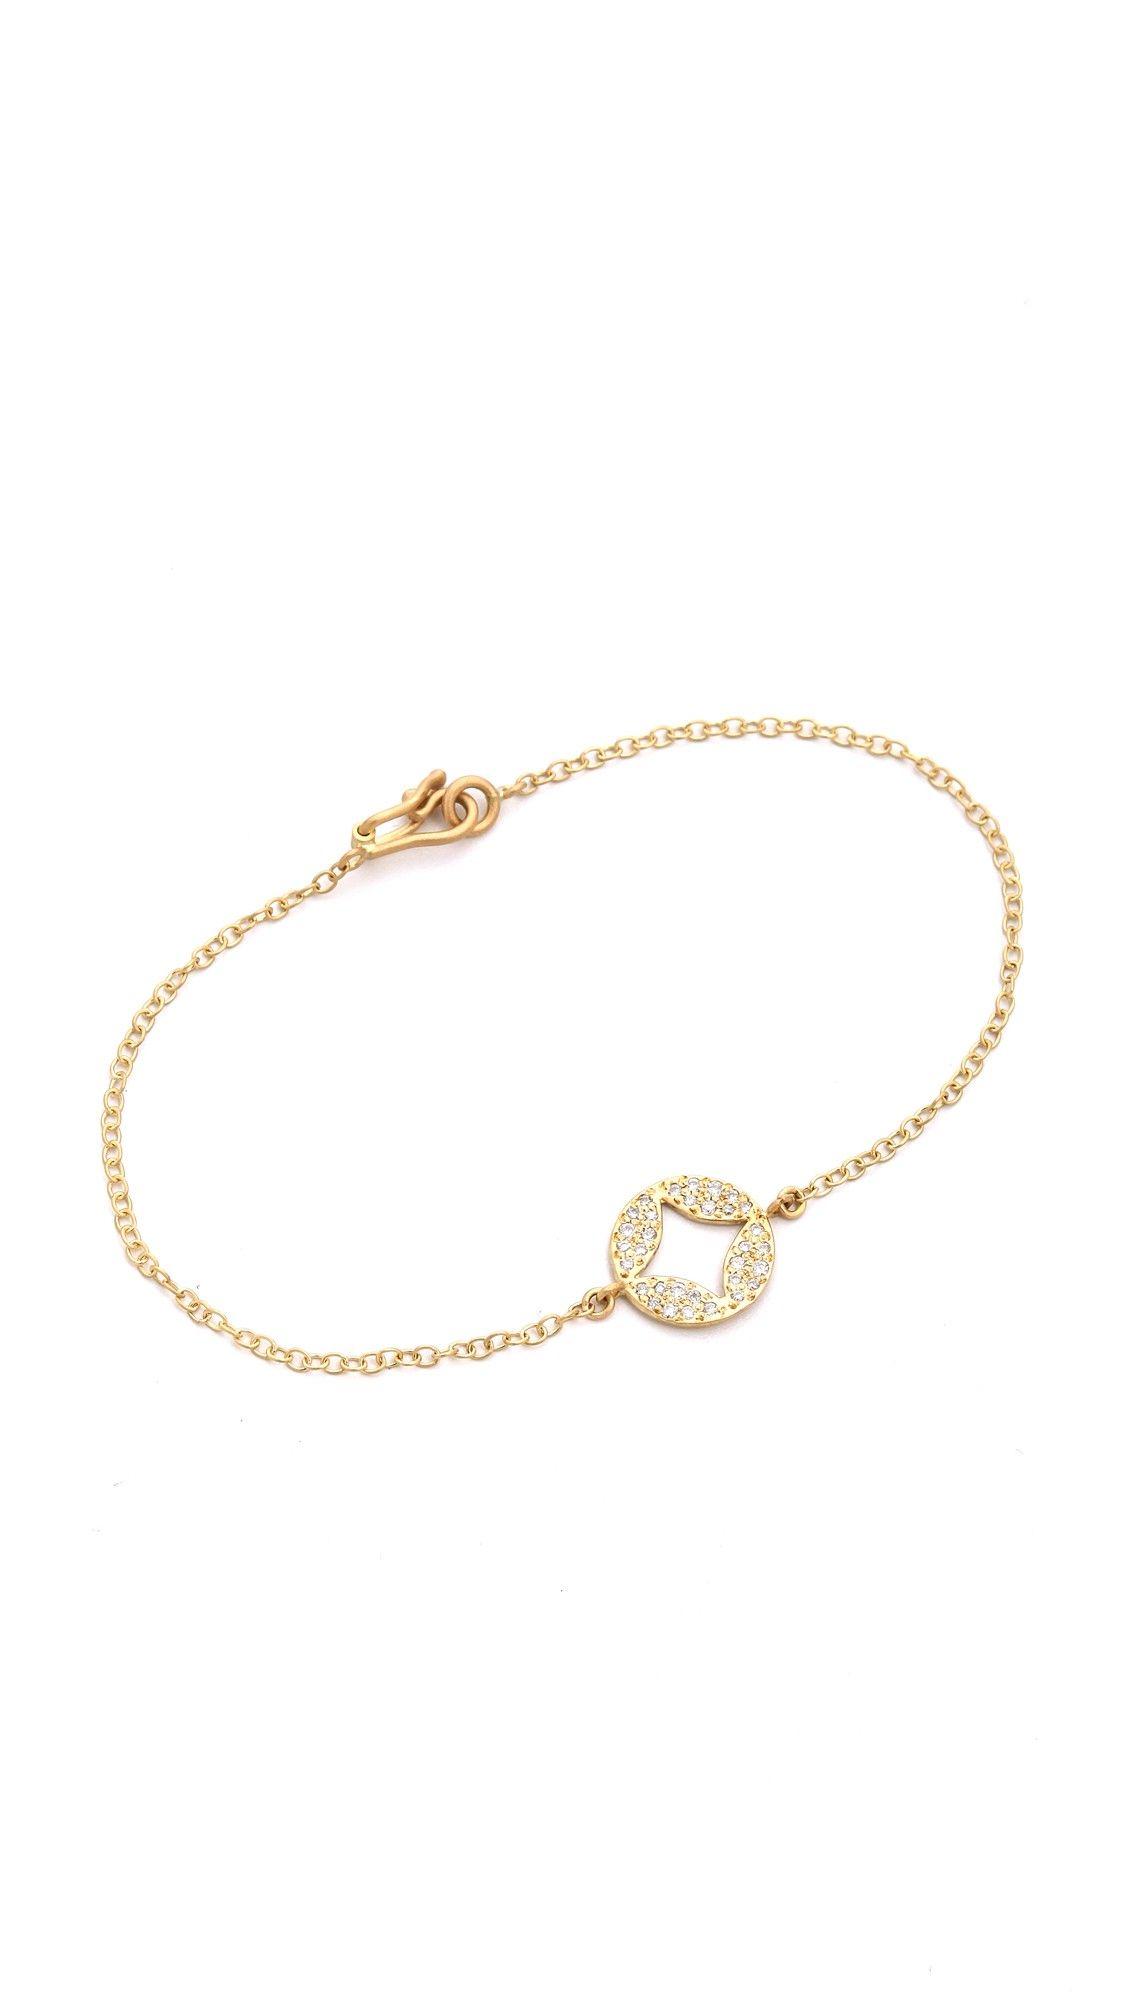 Jamie Wolf Hinged Scalloped White Diamond Bracelet in 18K Rose Gold o1CKBHlfBd